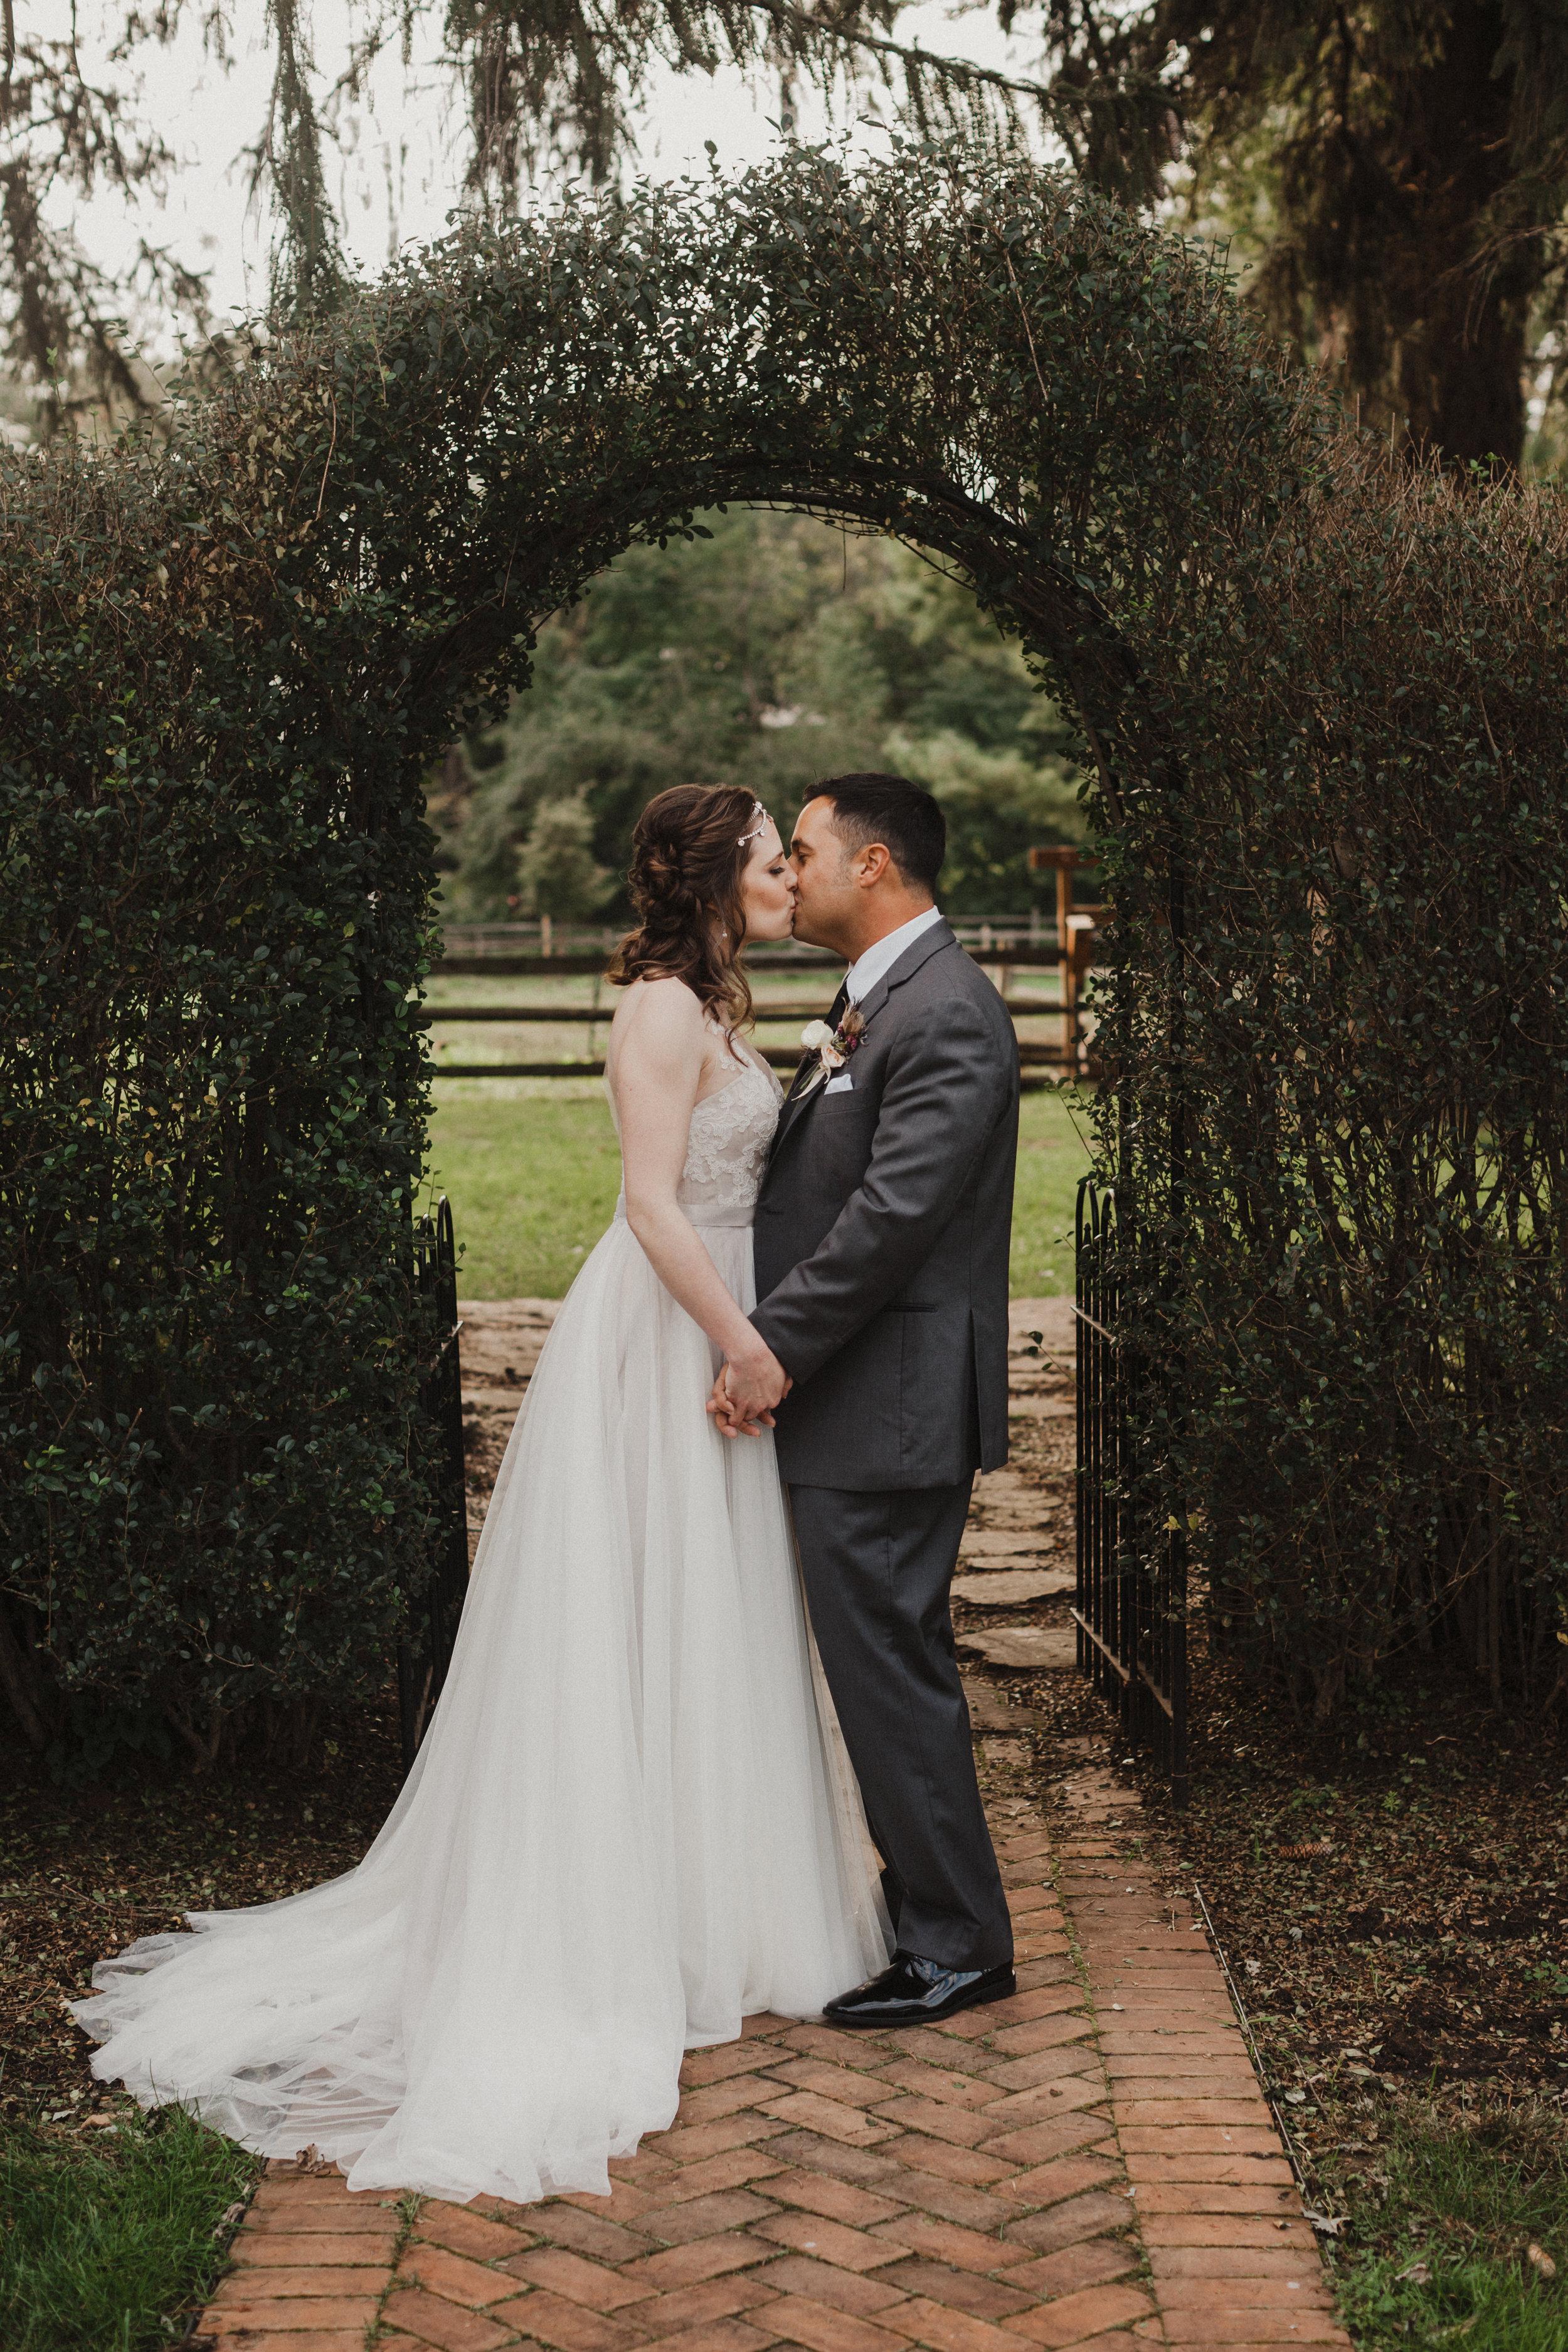 dotw_wedding_kniele-9423.jpg